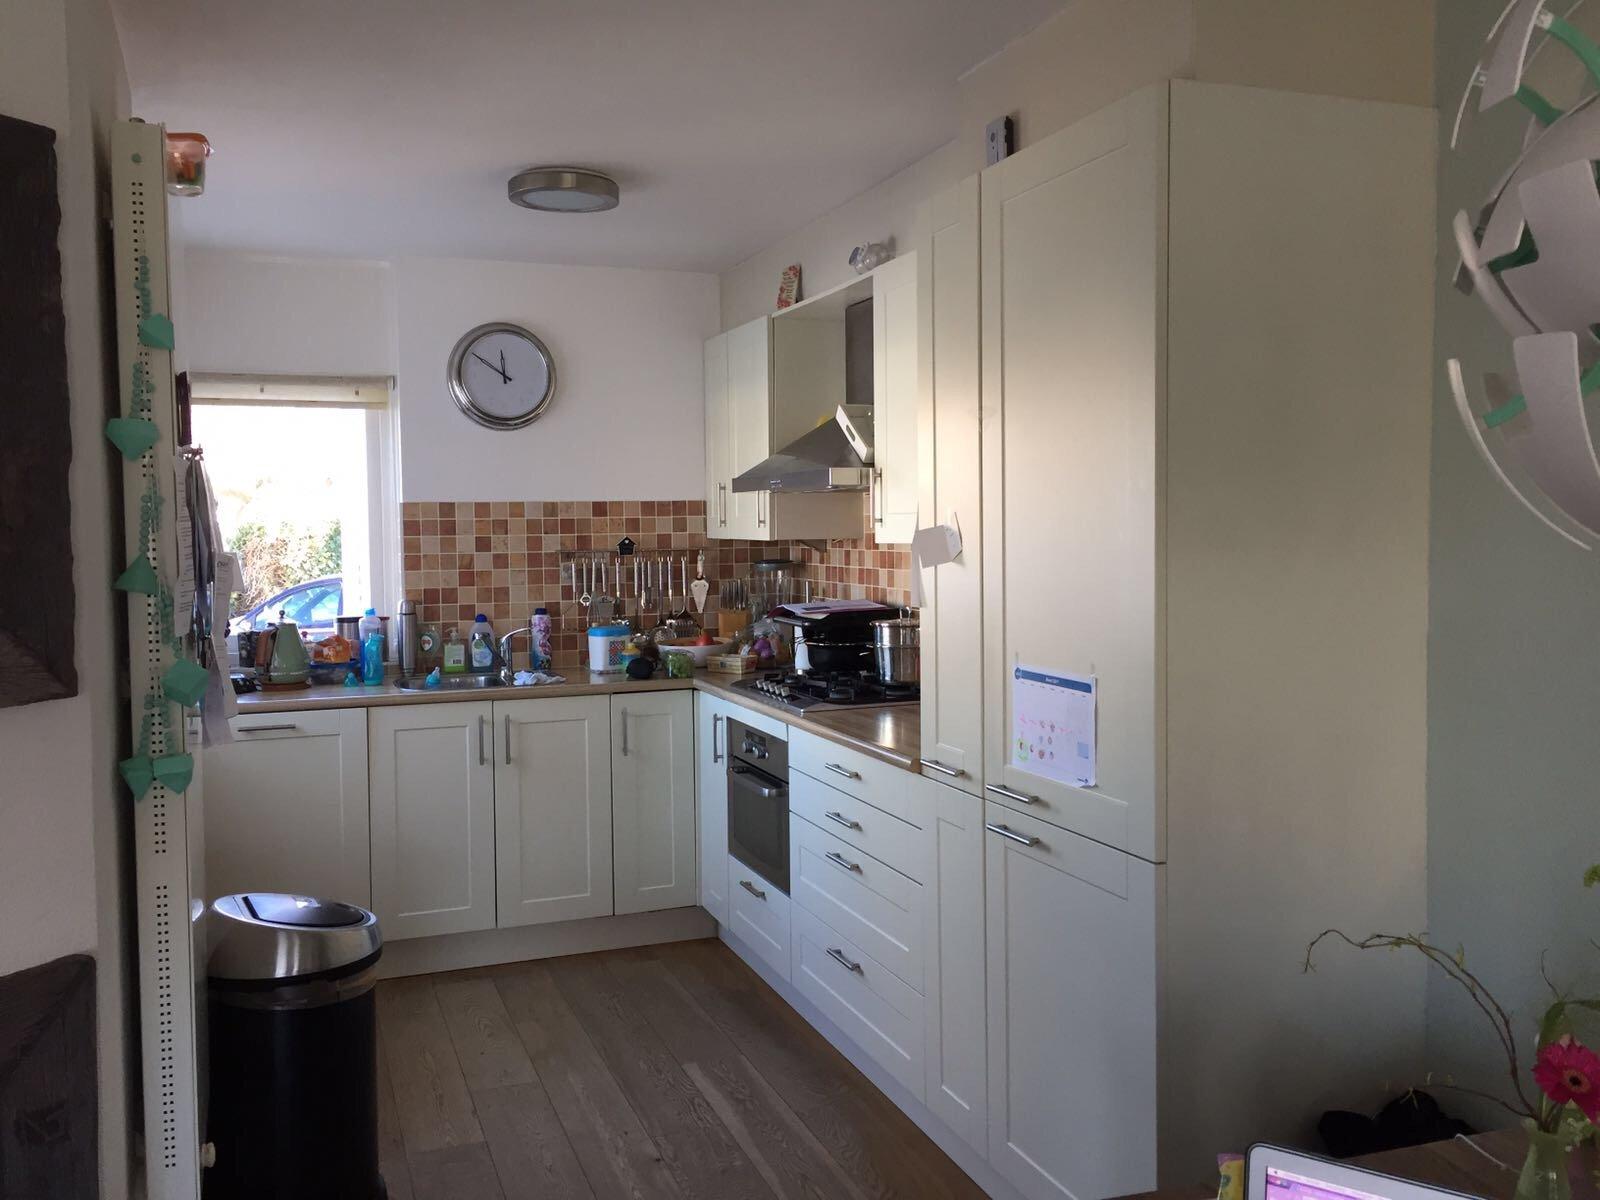 Keuken spuiten wrappen werkspot